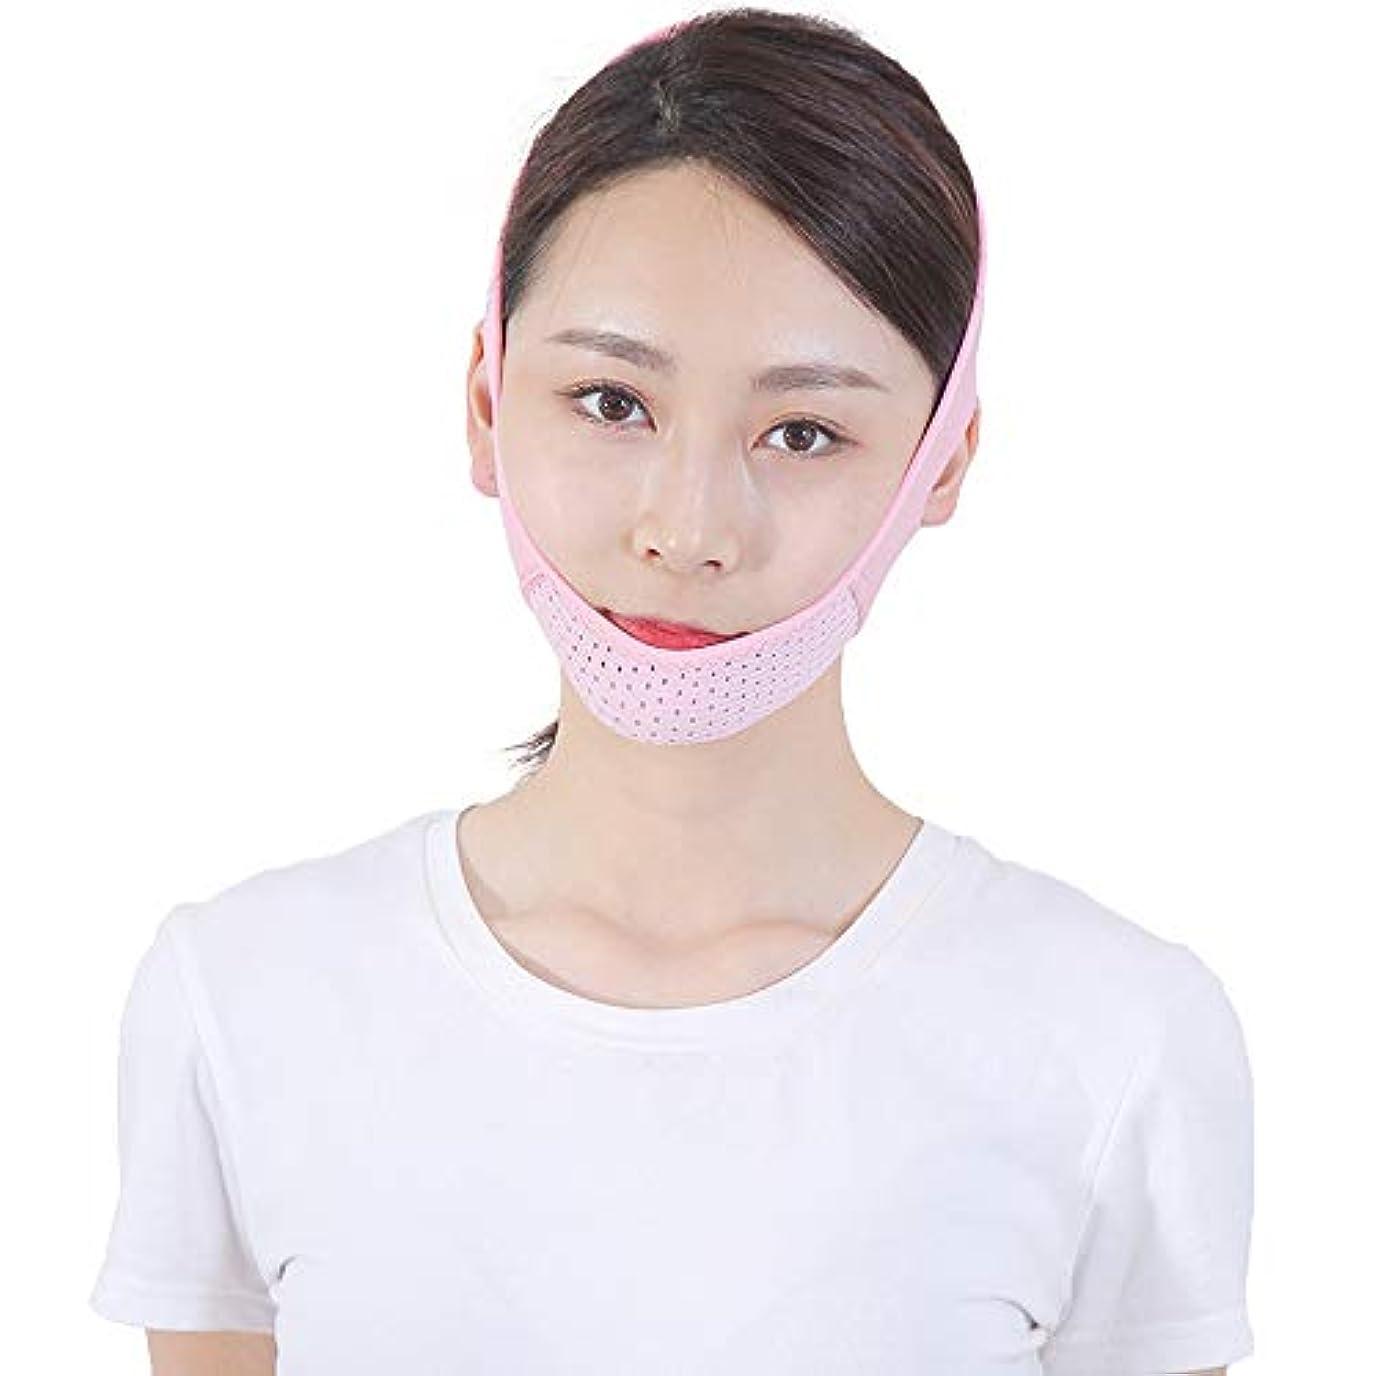 賃金静かな等々Minmin フェイシャルリフティング痩身ベルトフェイススリムゲットダブルチンアンチエイジングリンクルフェイスバンデージマスクシェイピングマスク顔を引き締めるダブルチンワークアウト みんみんVラインフェイスマスク